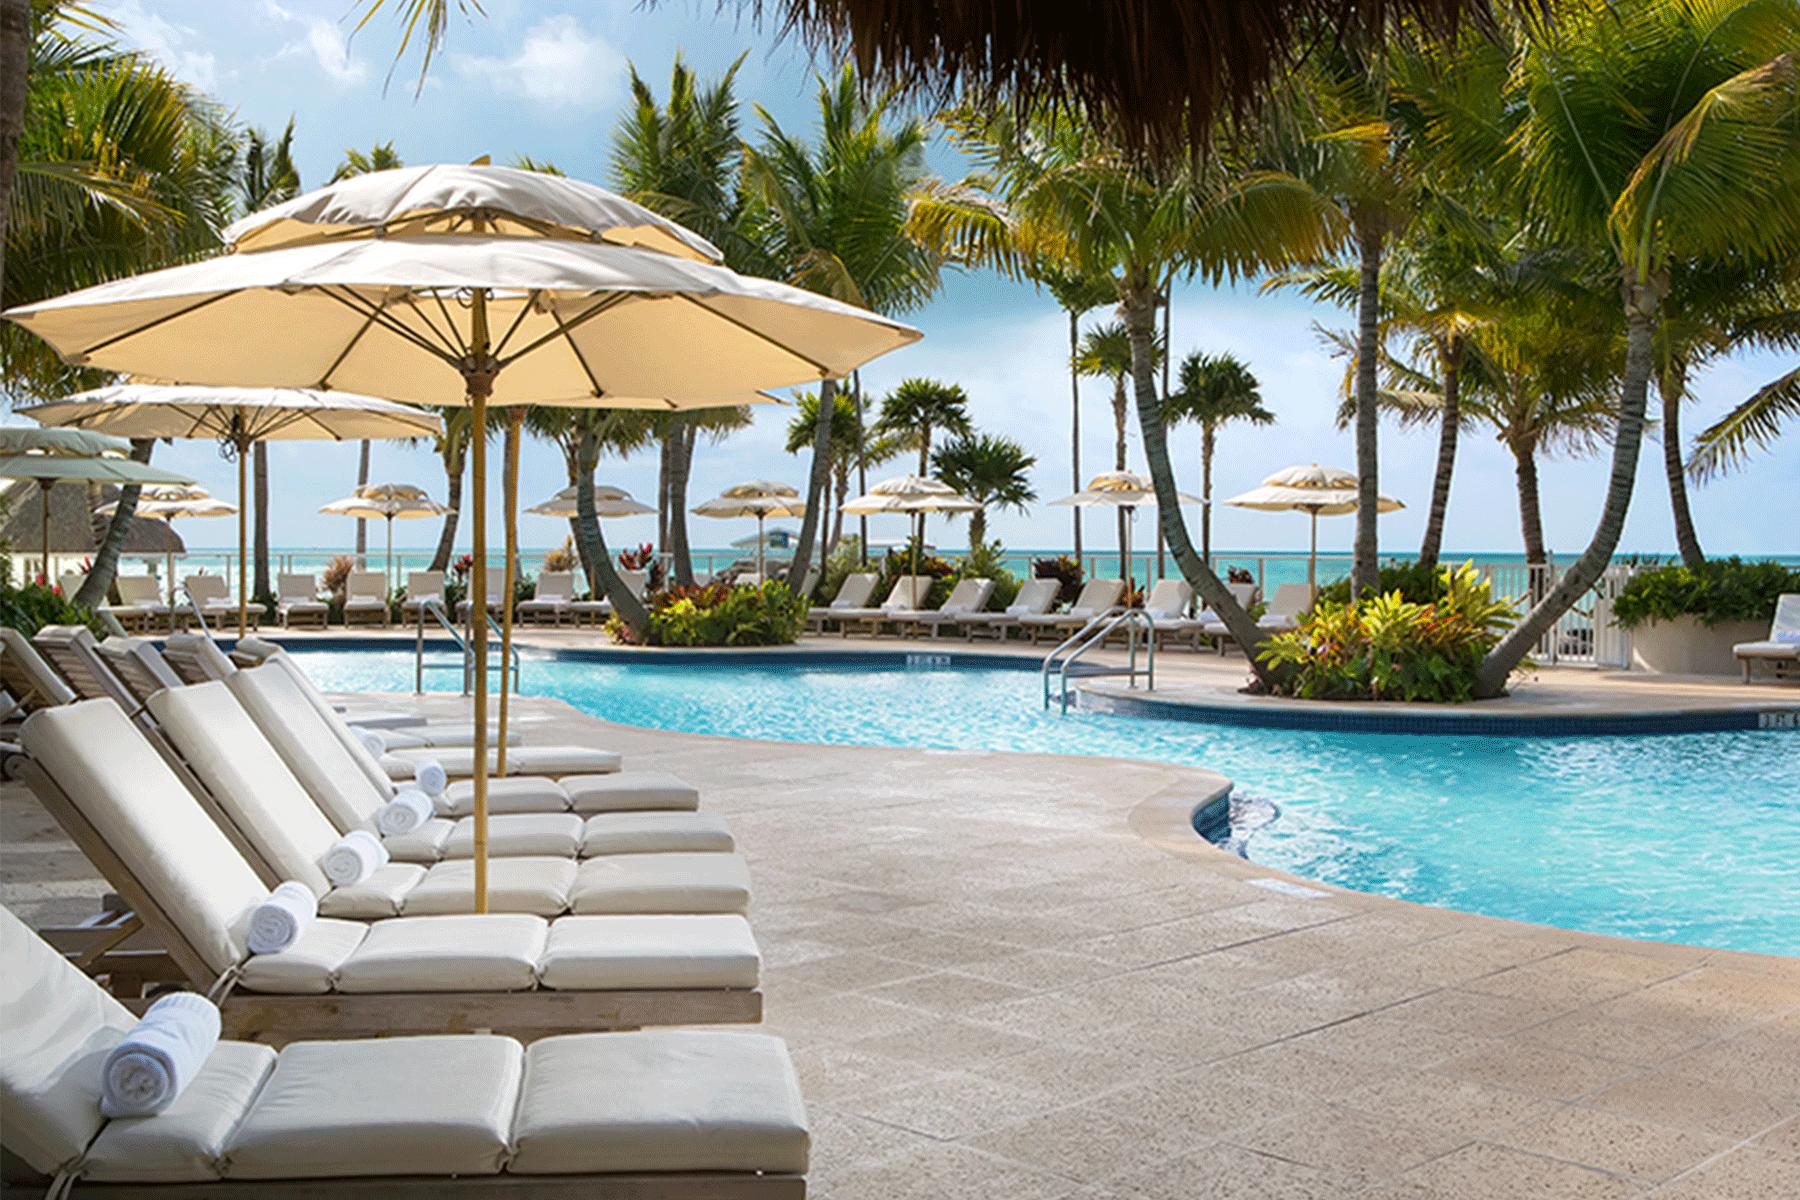 Cheeca-Lodge-&-Spa-islamorada-florida-keys-main-pool